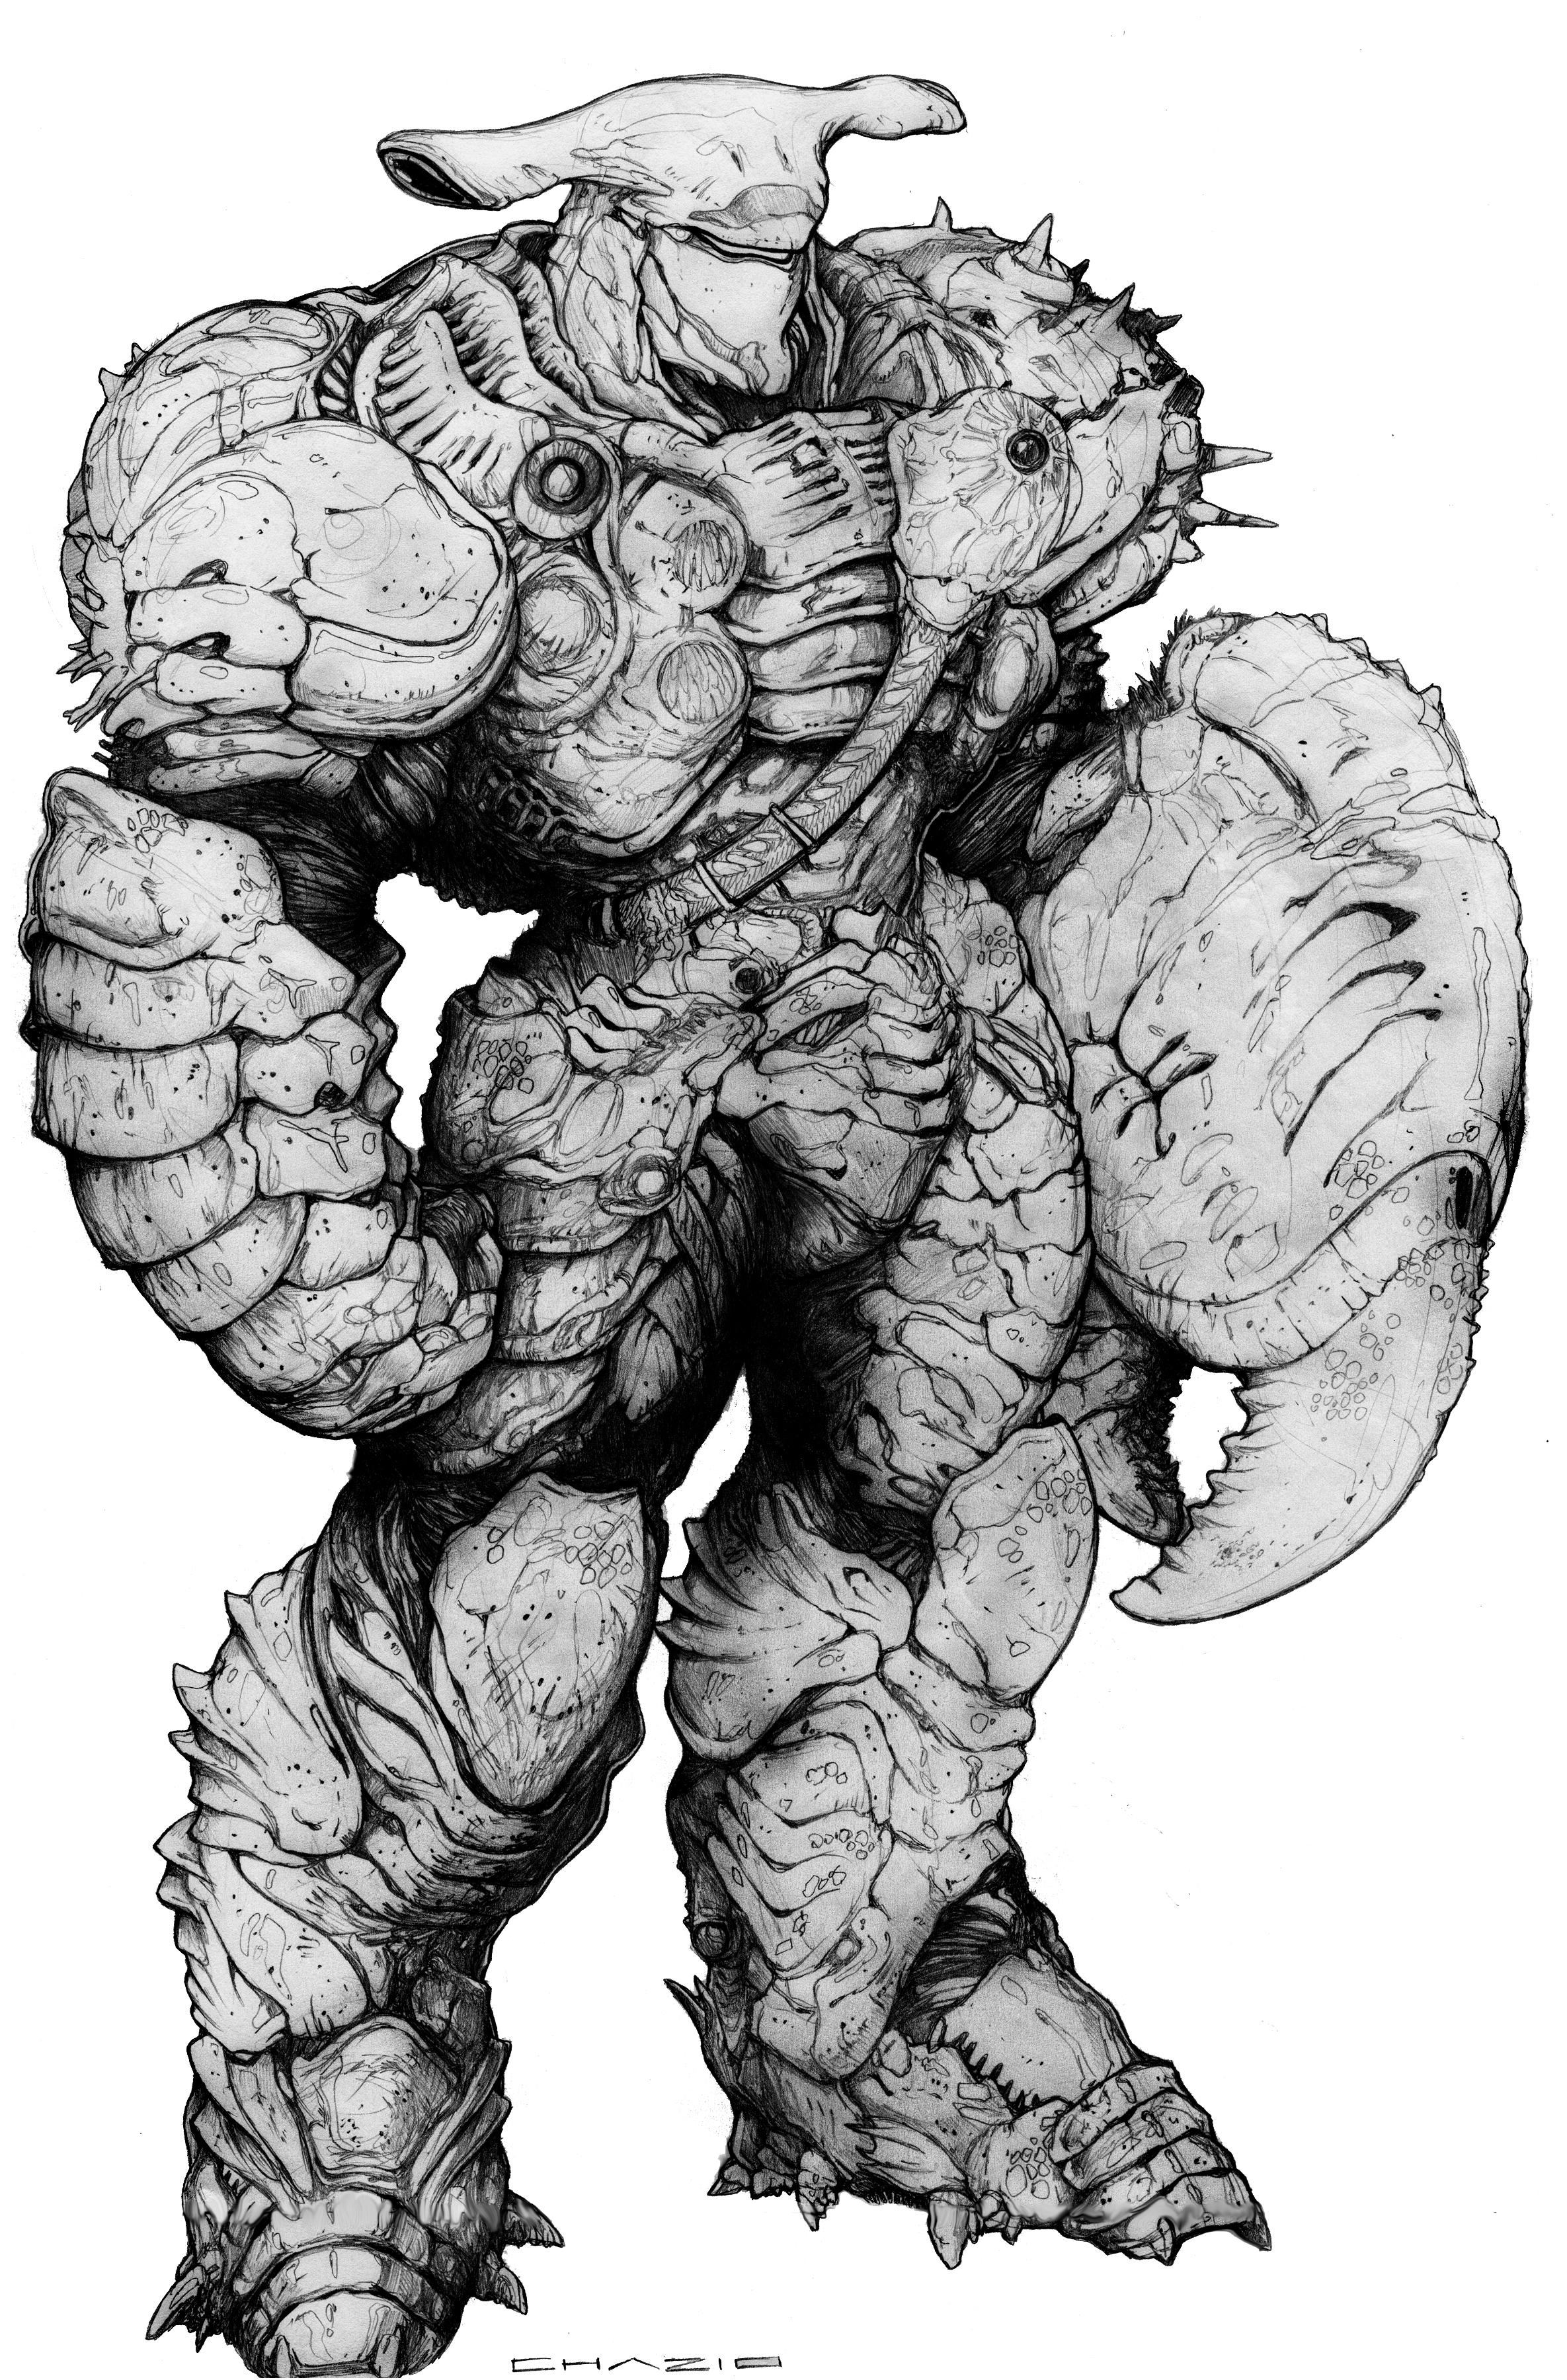 lemurian_crustacean_bio_armor_by_chuckwalton-d5a7l10.jpg